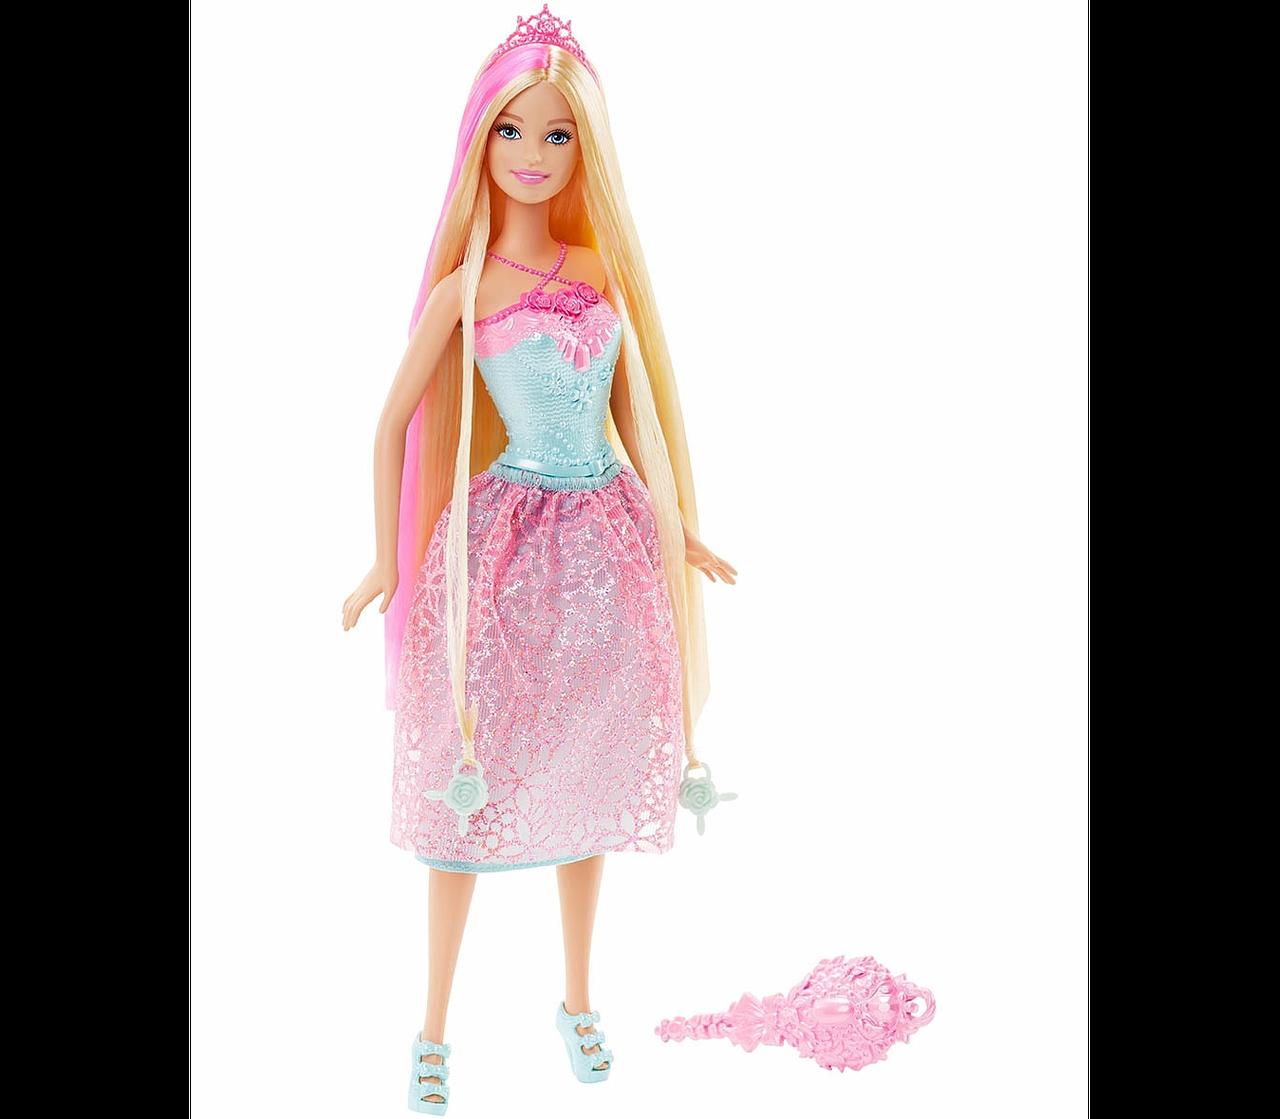 Barbie Кукла Принцесса Барби с длинными волосами - золотые